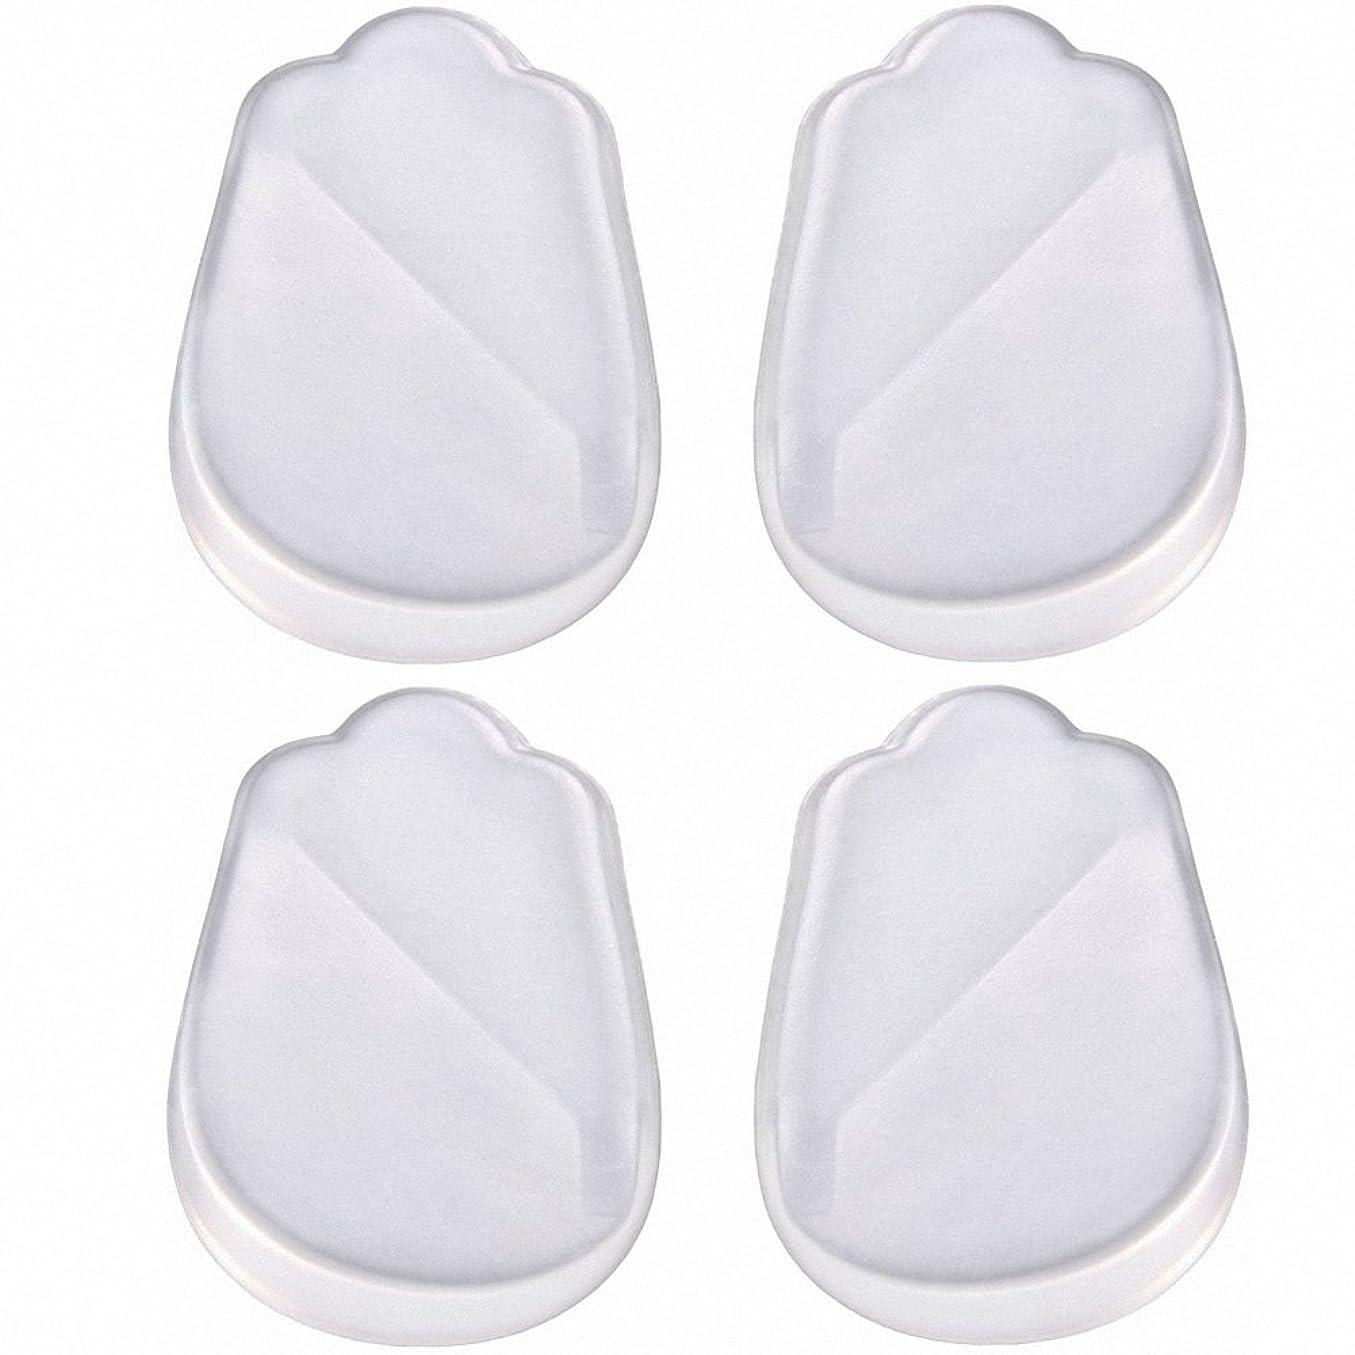 防止ペルメルコークスX脚 O脚 矯正用 かかと インソール 中敷き ジェル シリコン 透明 衝撃を吸収 男女兼用 靴に 入れて 履くだけ 4枚 2足分セット